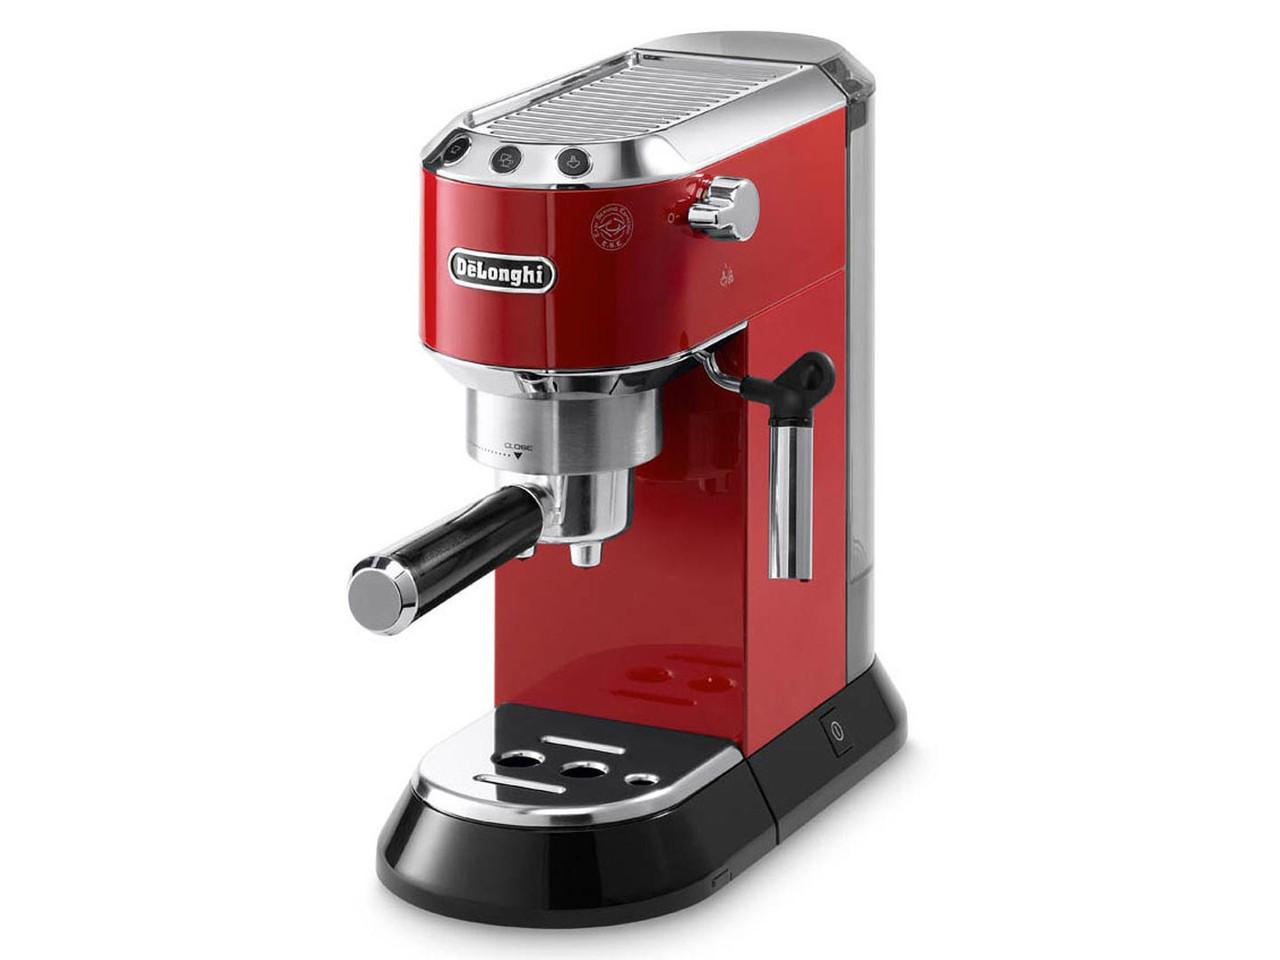 Рожковая кофеварка DeLonghi EC 680.R